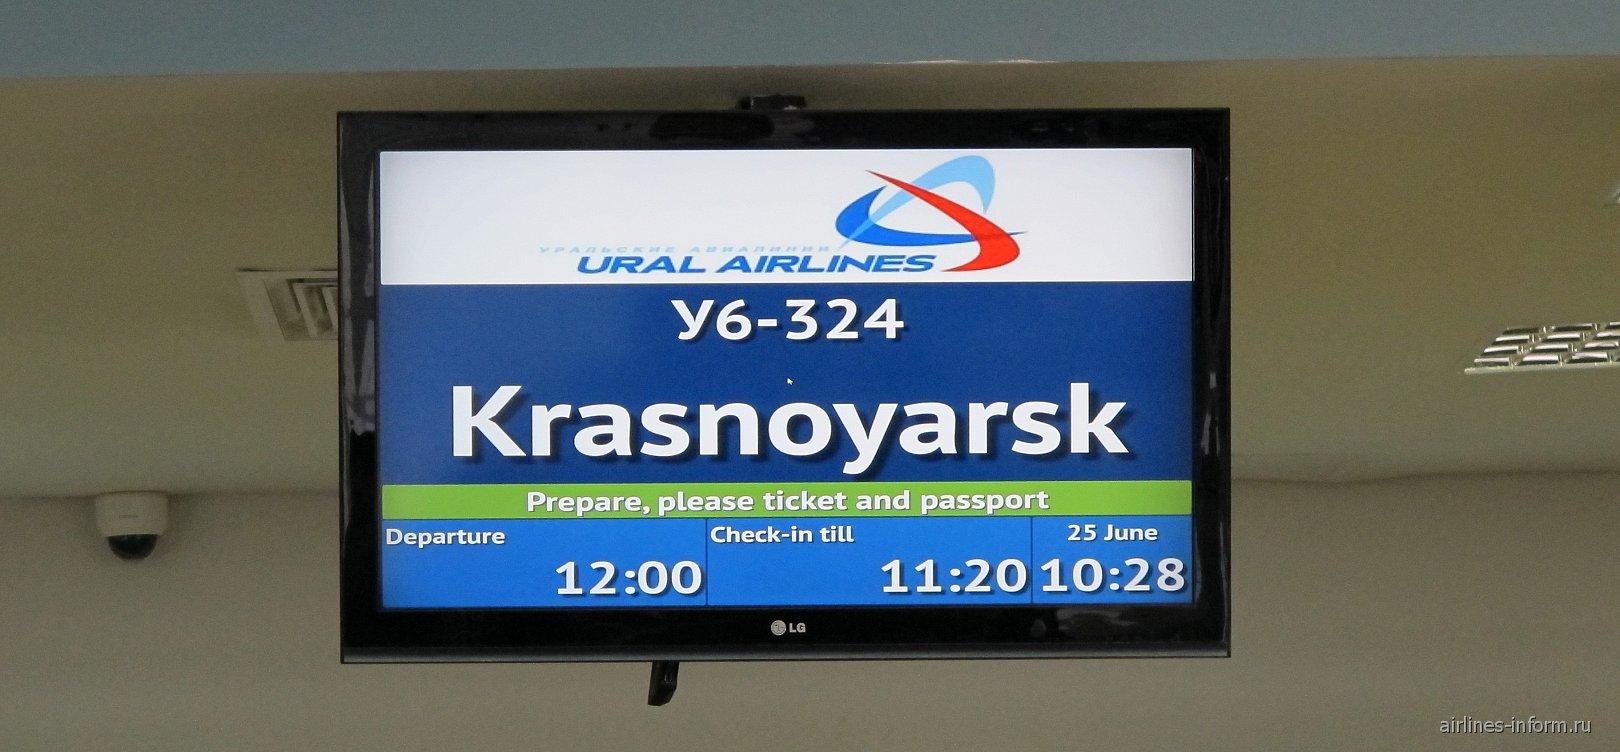 Рейс Уральских авиалиний Владивосток-Красноярск